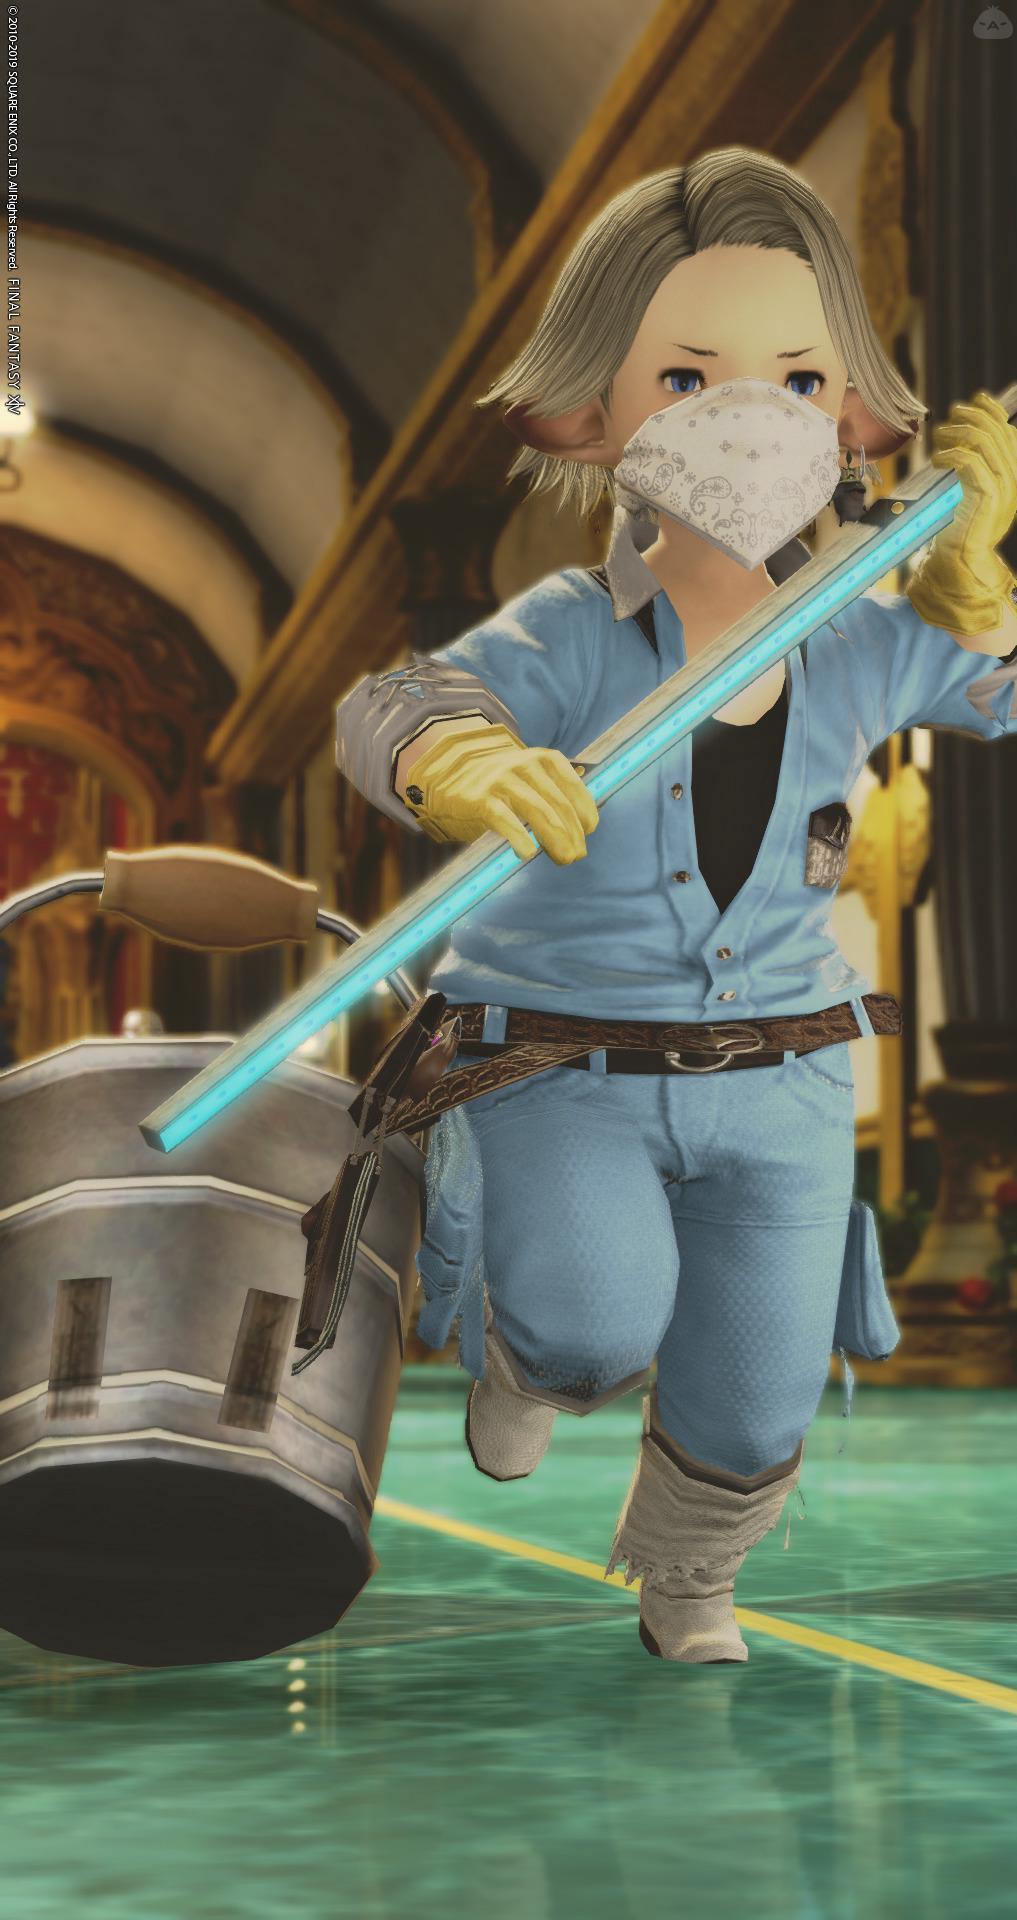 戦う清掃員